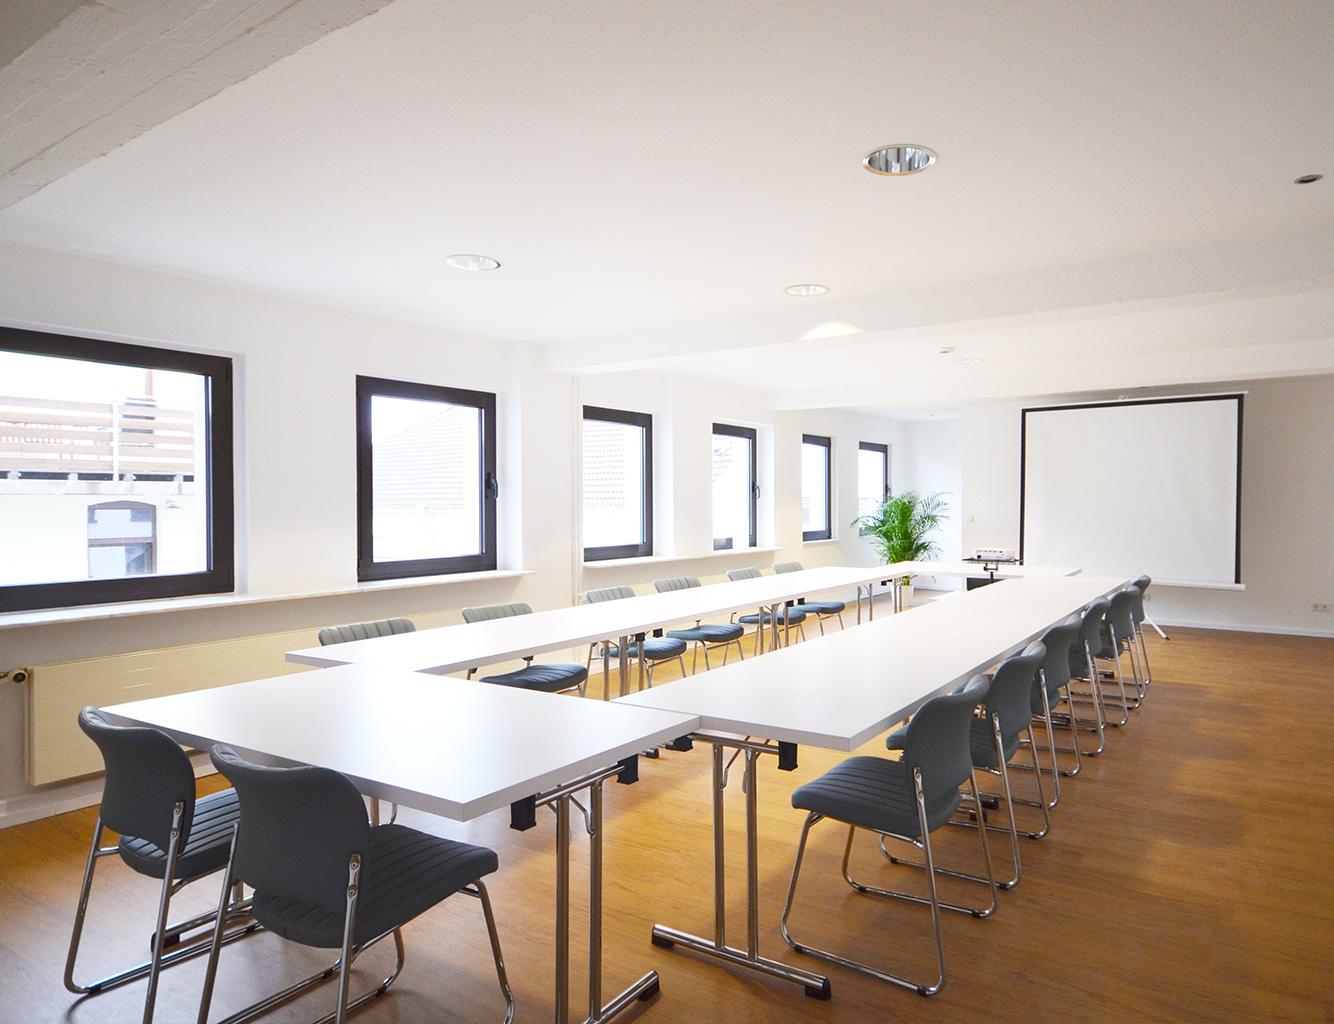 Tagungsräume, Schulungsräume, Konferenzräume, Seminarräume, Braunschweig